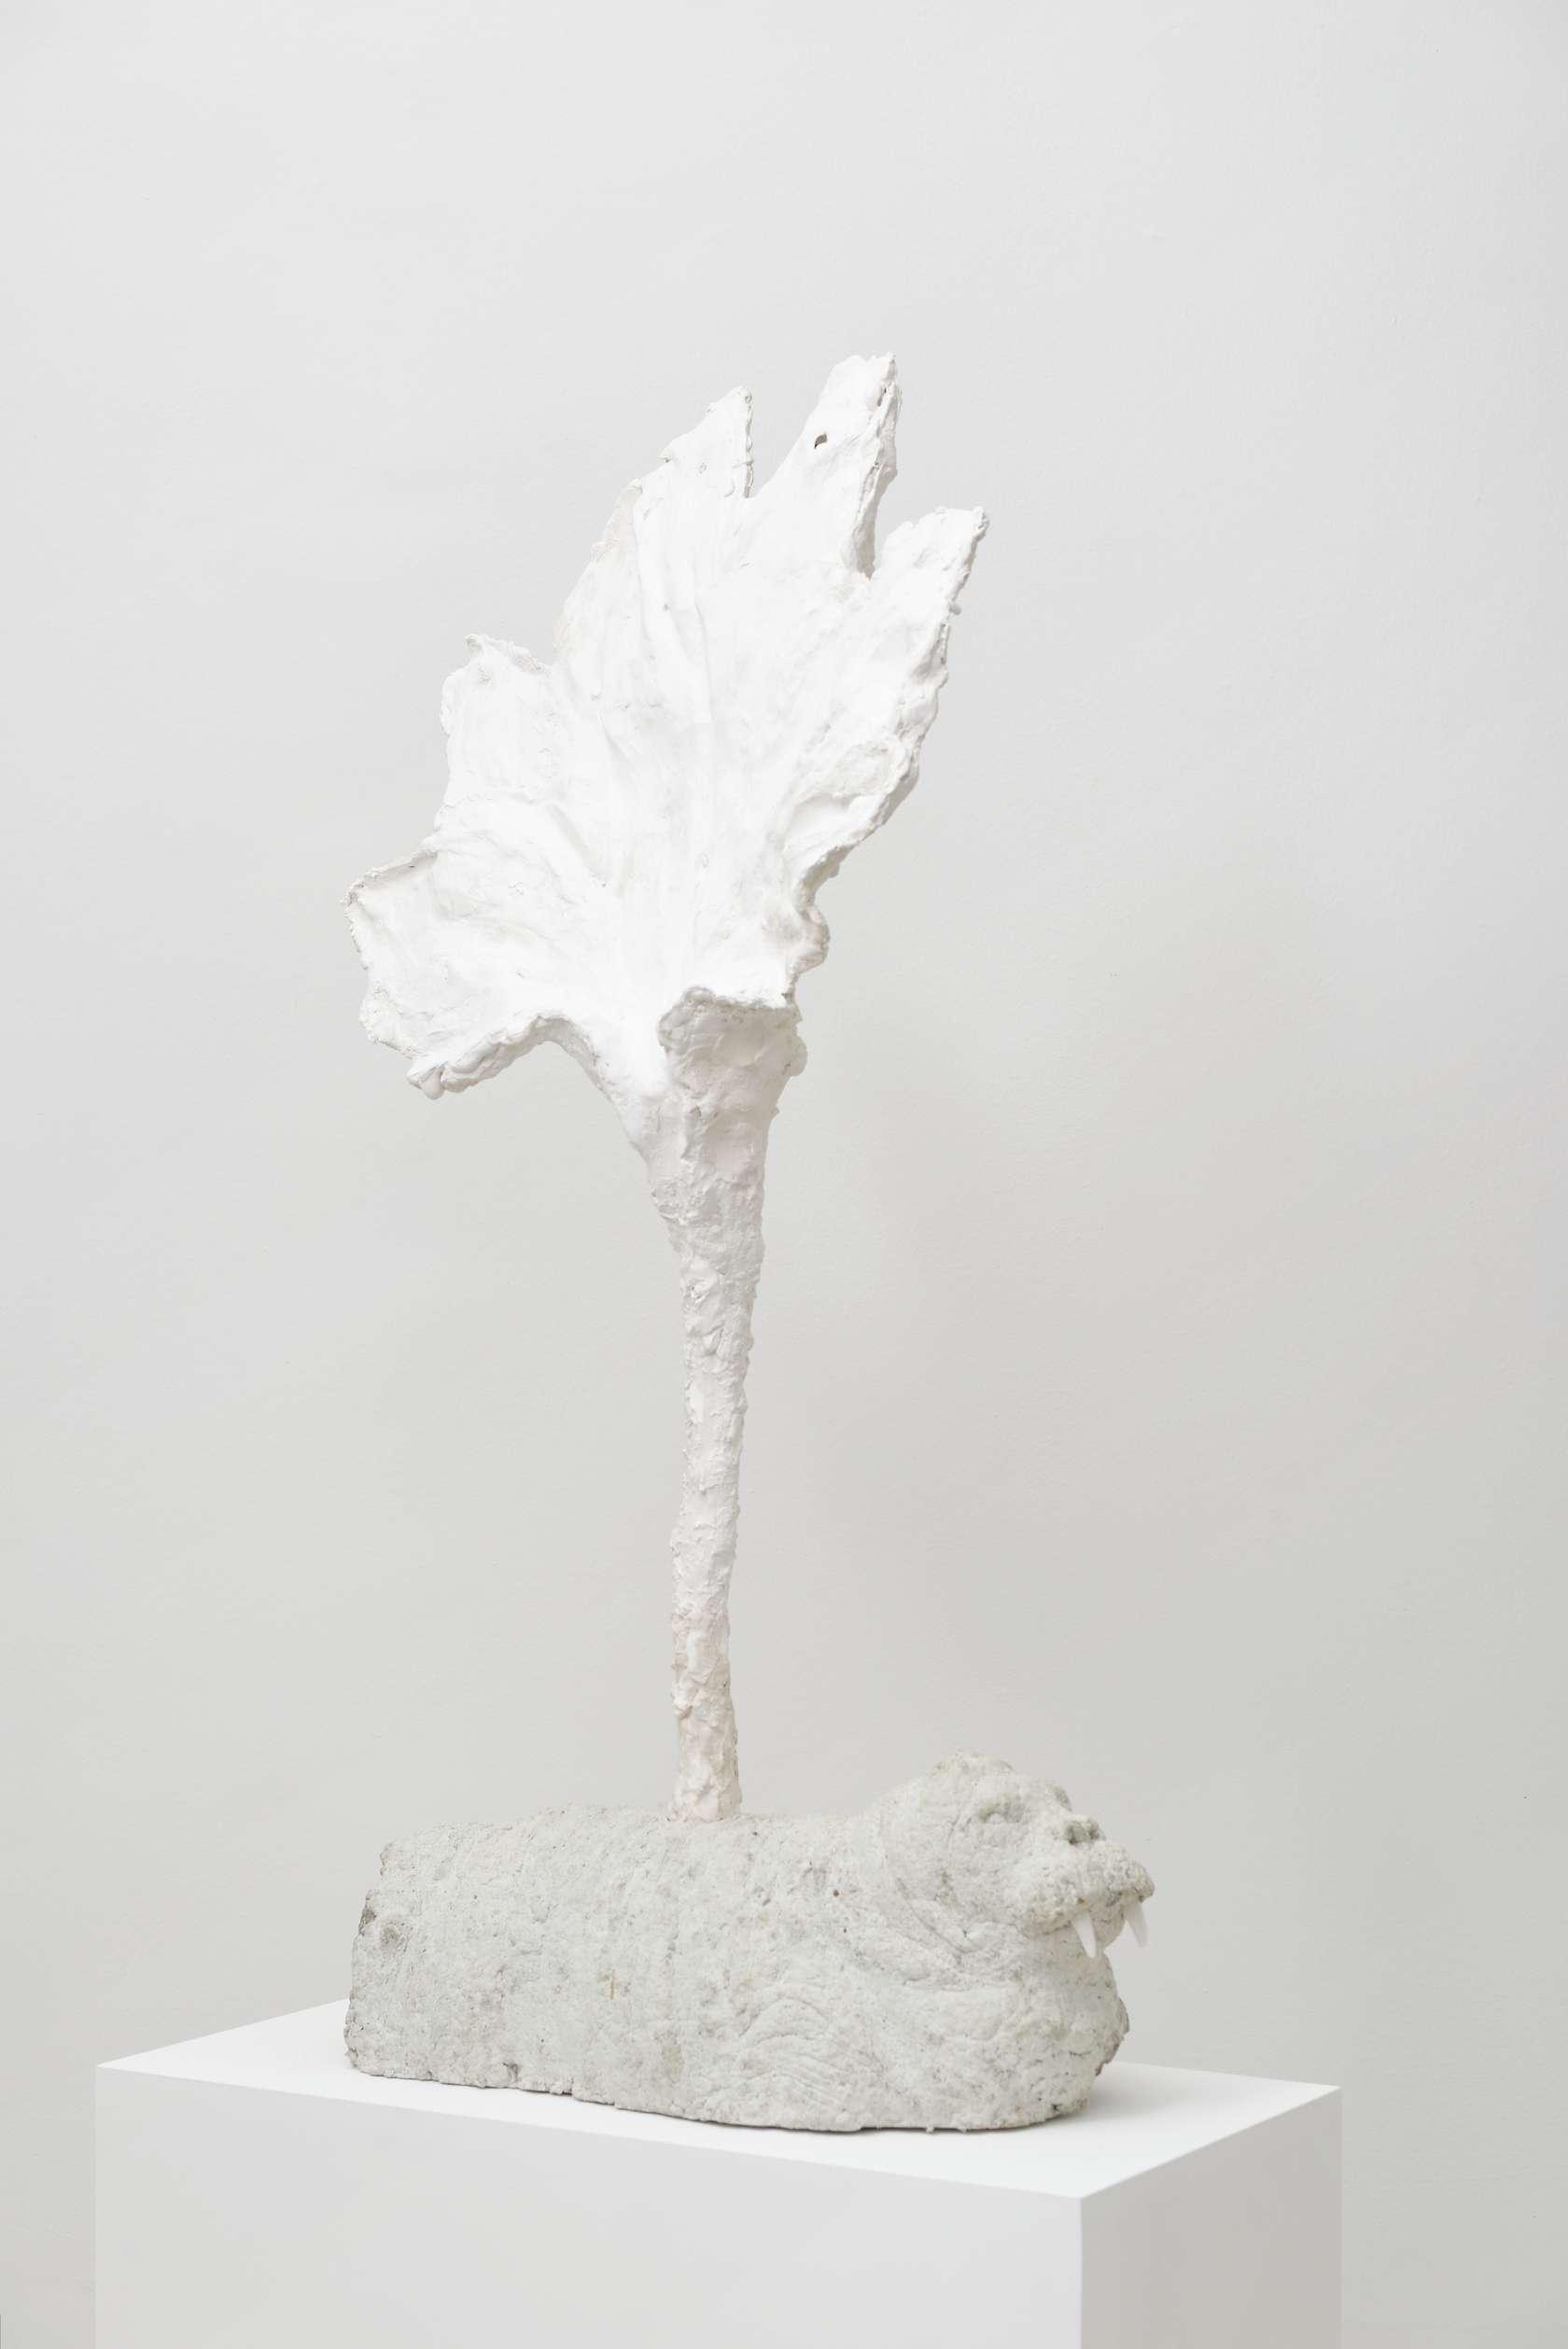 Laurent Le Deunff, Morse végétal, 2015 Plâtre, papier mâché, béton brut et albâtre92 x 43 x 15 cm / 36 2/8 x 16 7/8 x 5 7/8 inches